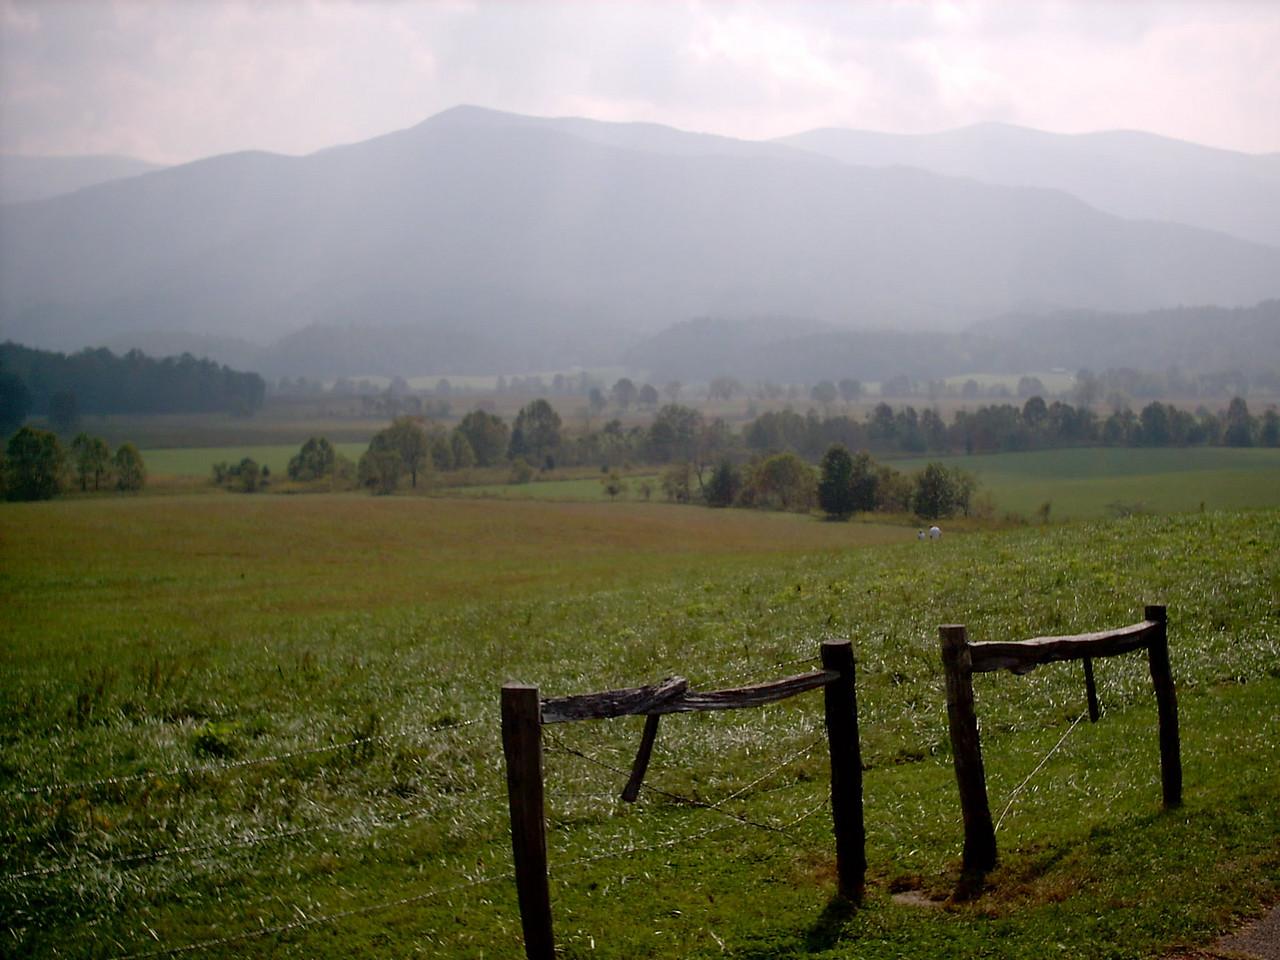 Farmland & Mountains